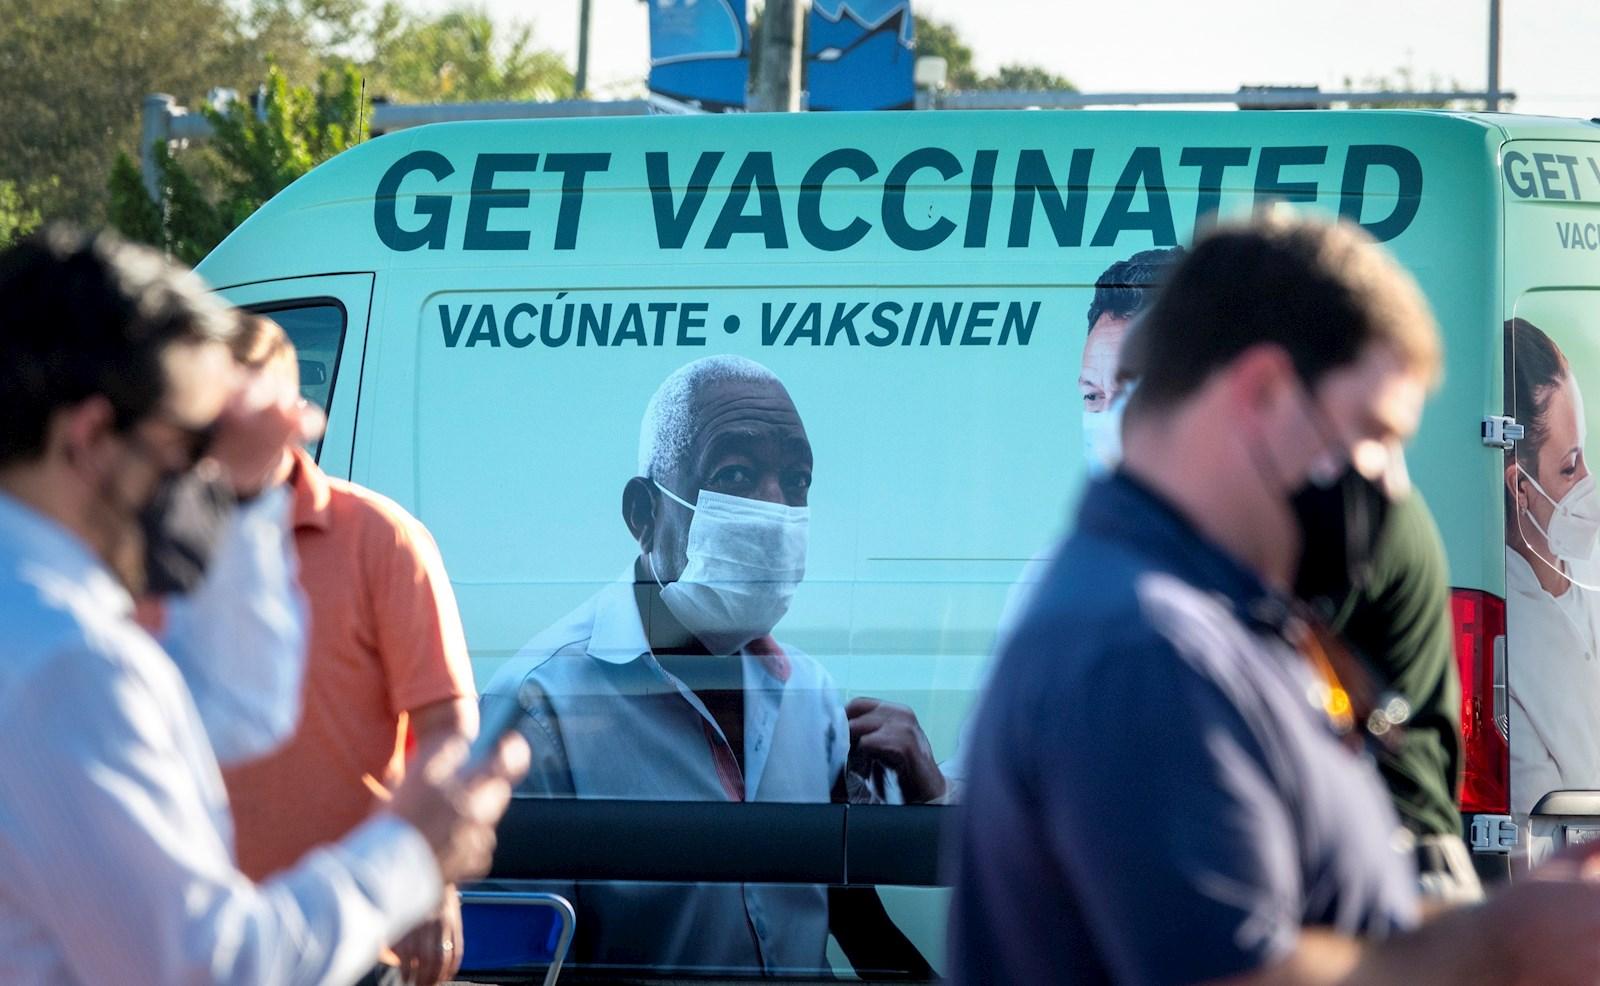 Este jueves se han habilitado dos nuevos sitios de vacunación que cuentan con apoyo de la Agencia Federal para el Manejo de Emergencias (FEMA, por su sigla en inglés) en el sur de Florida, donde se concentran el mayor número de casos en este estado. EFE/EPA/CRISTOBAL HERRERA-ULASHKEVICH/Archivo